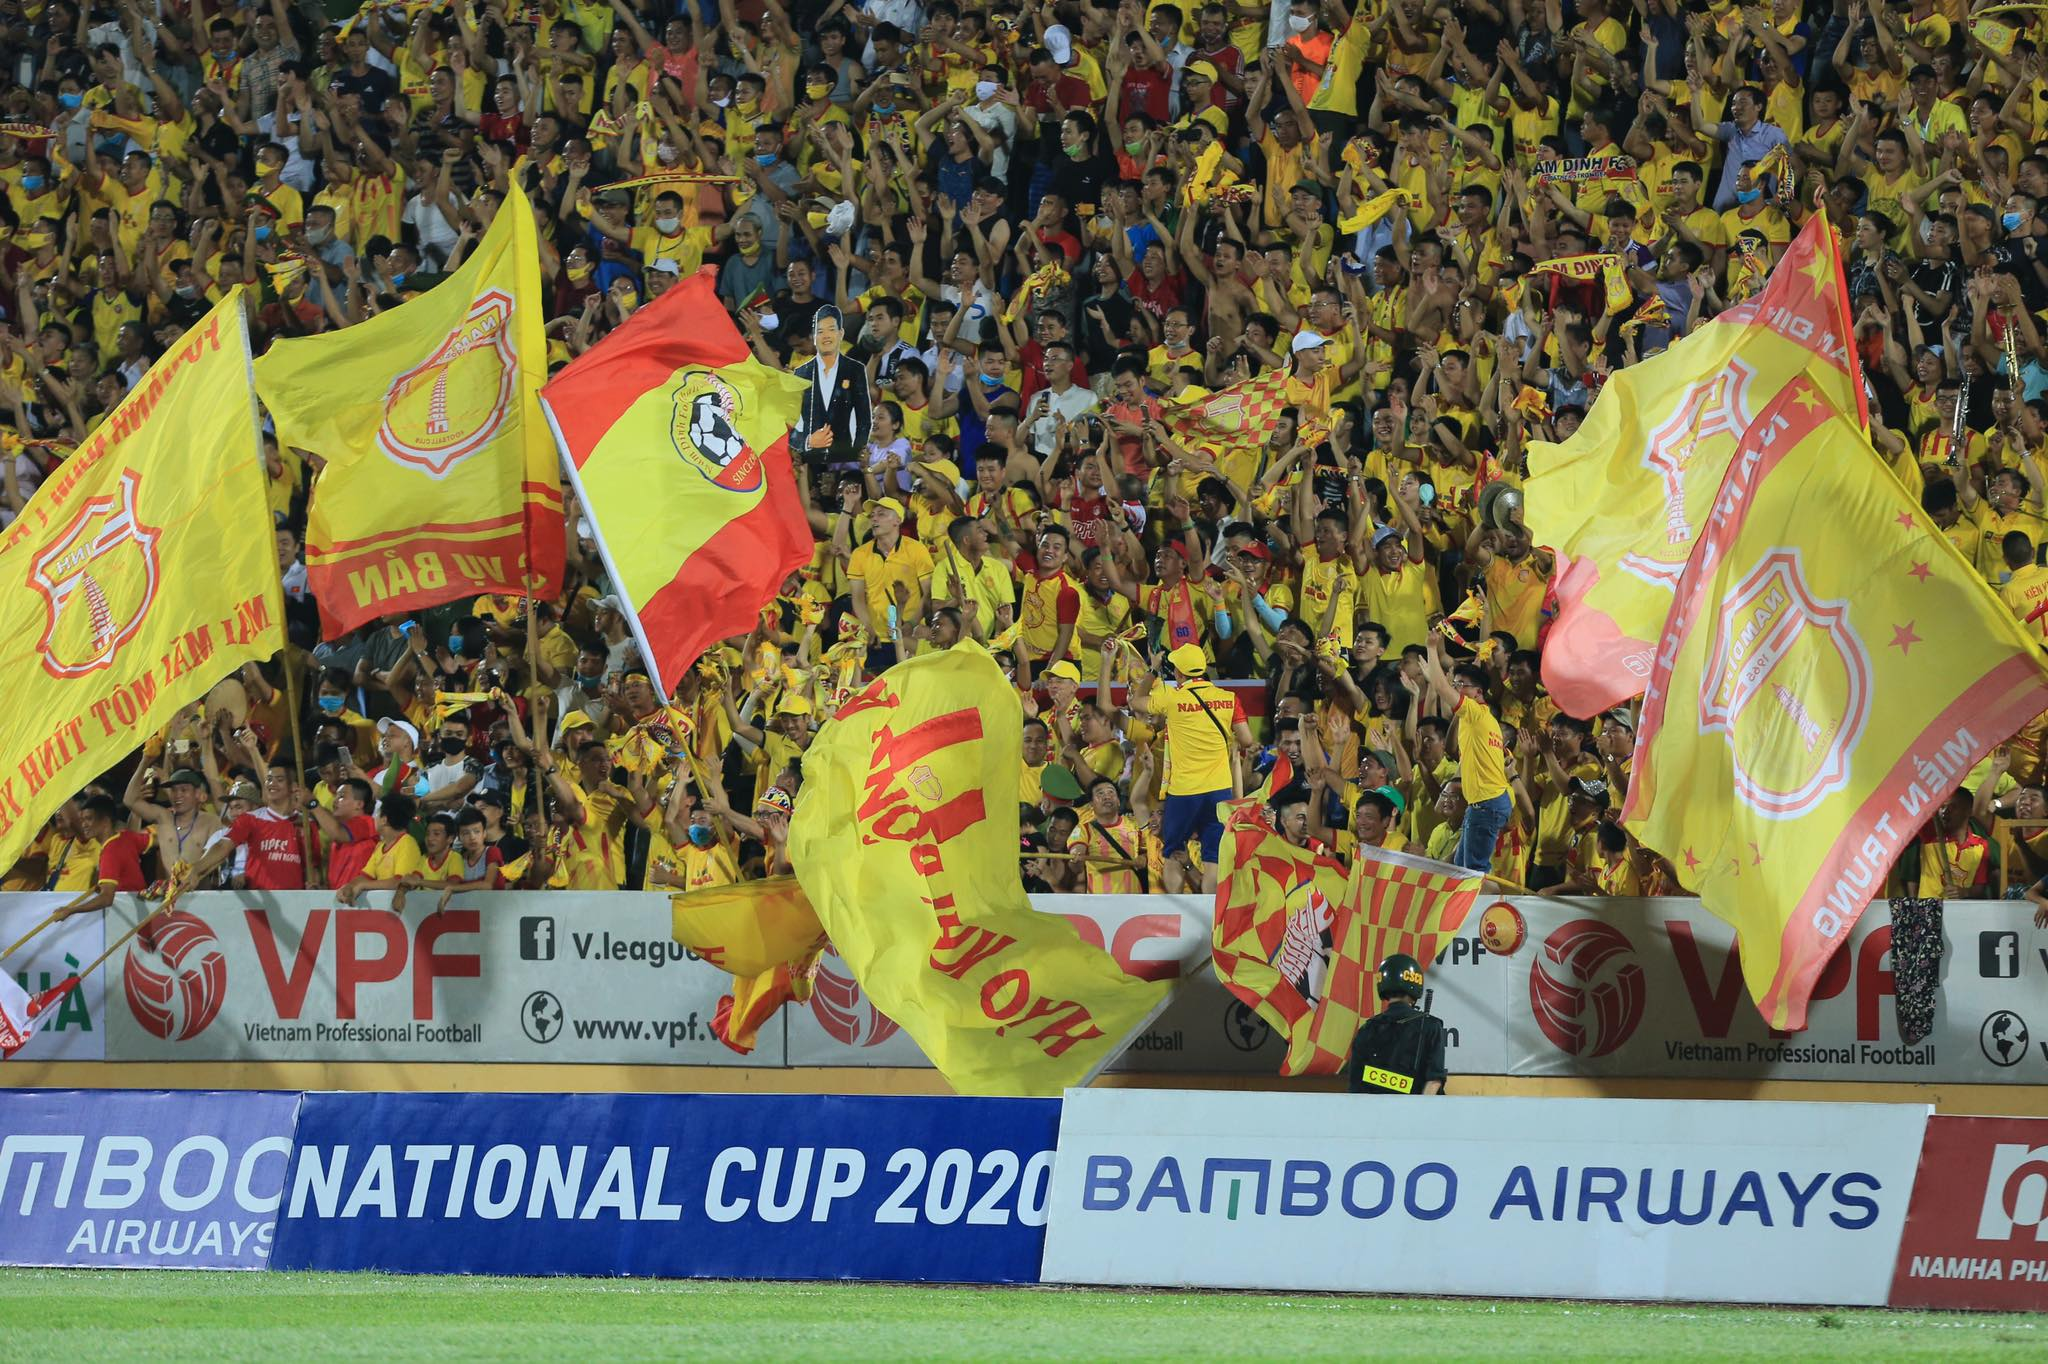 Rất đông NHM đến sân cổ vũ, chào đón sự trở lại của bóng đá Việt Nam - Ảnh: Đức Cường